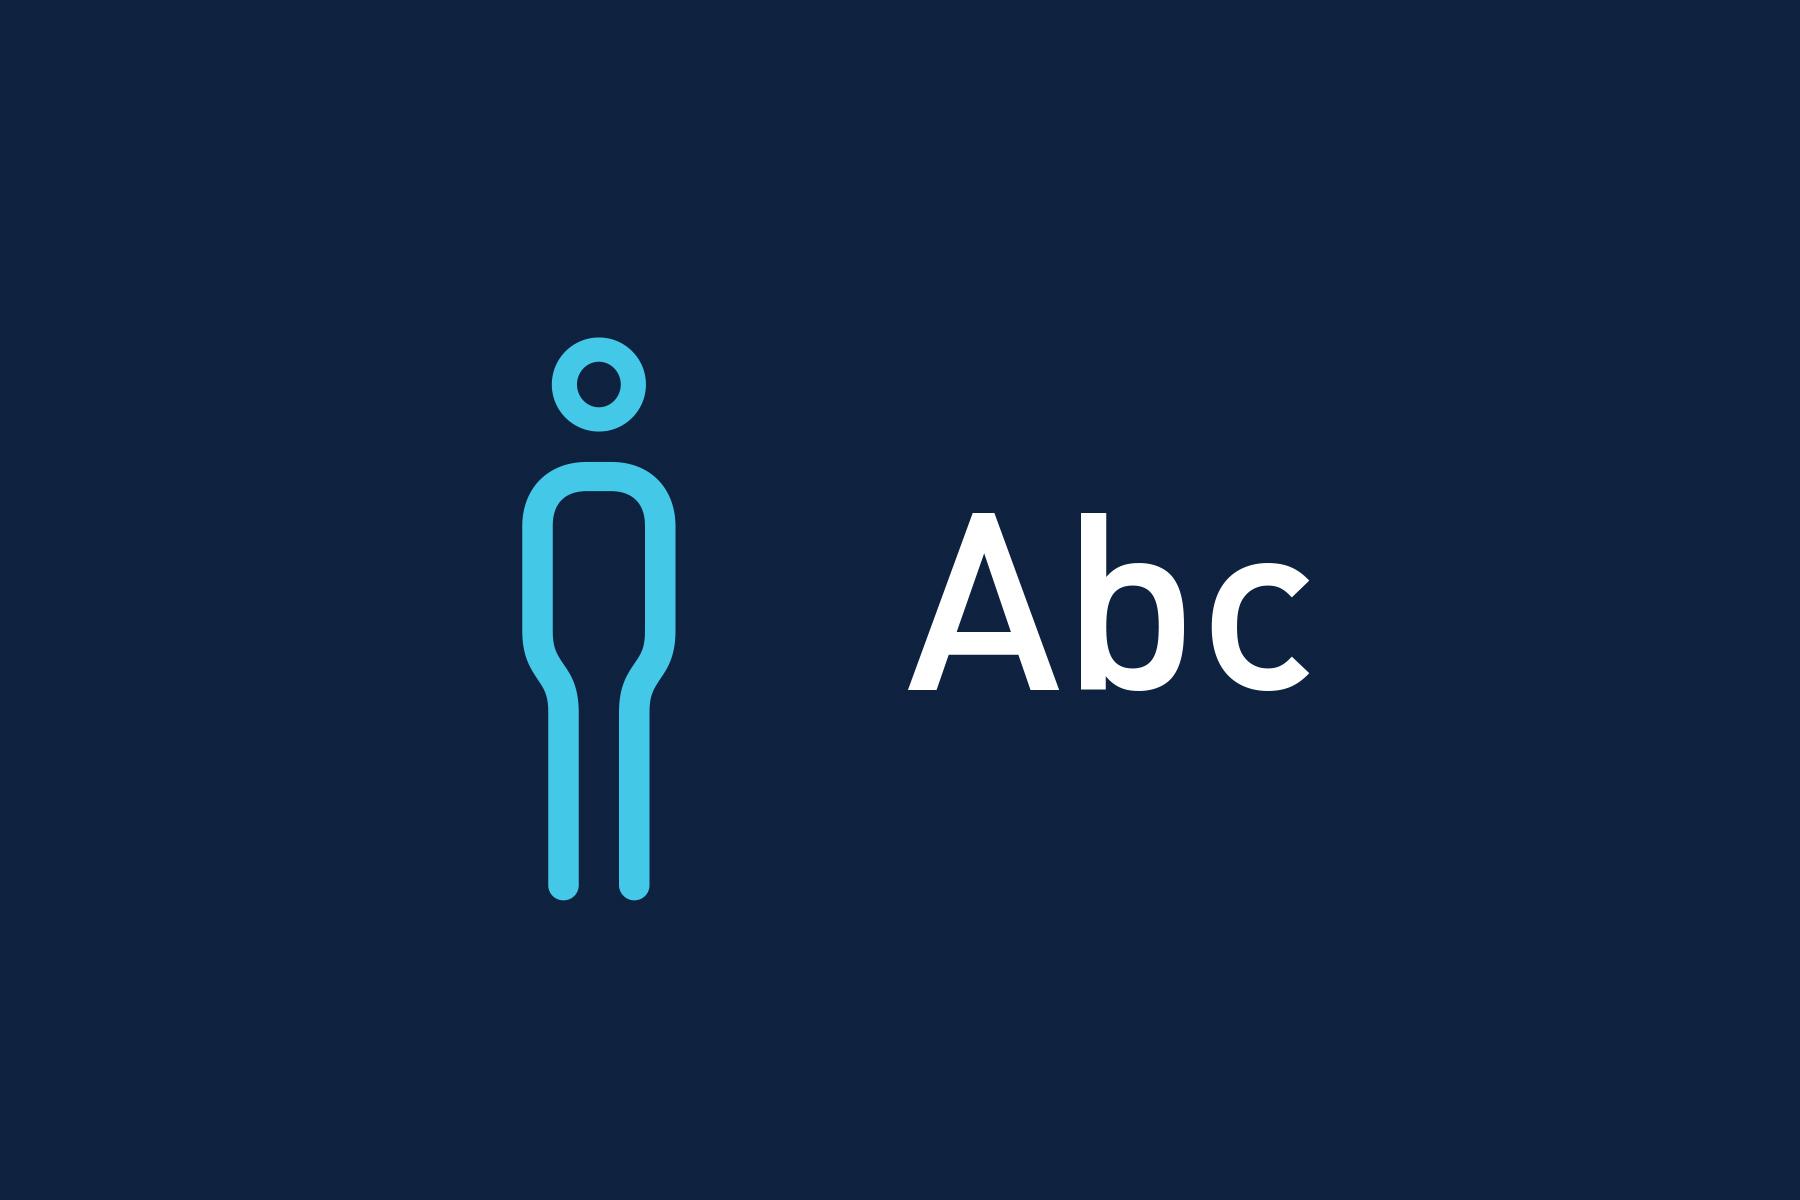 rix_logo_symbols_2